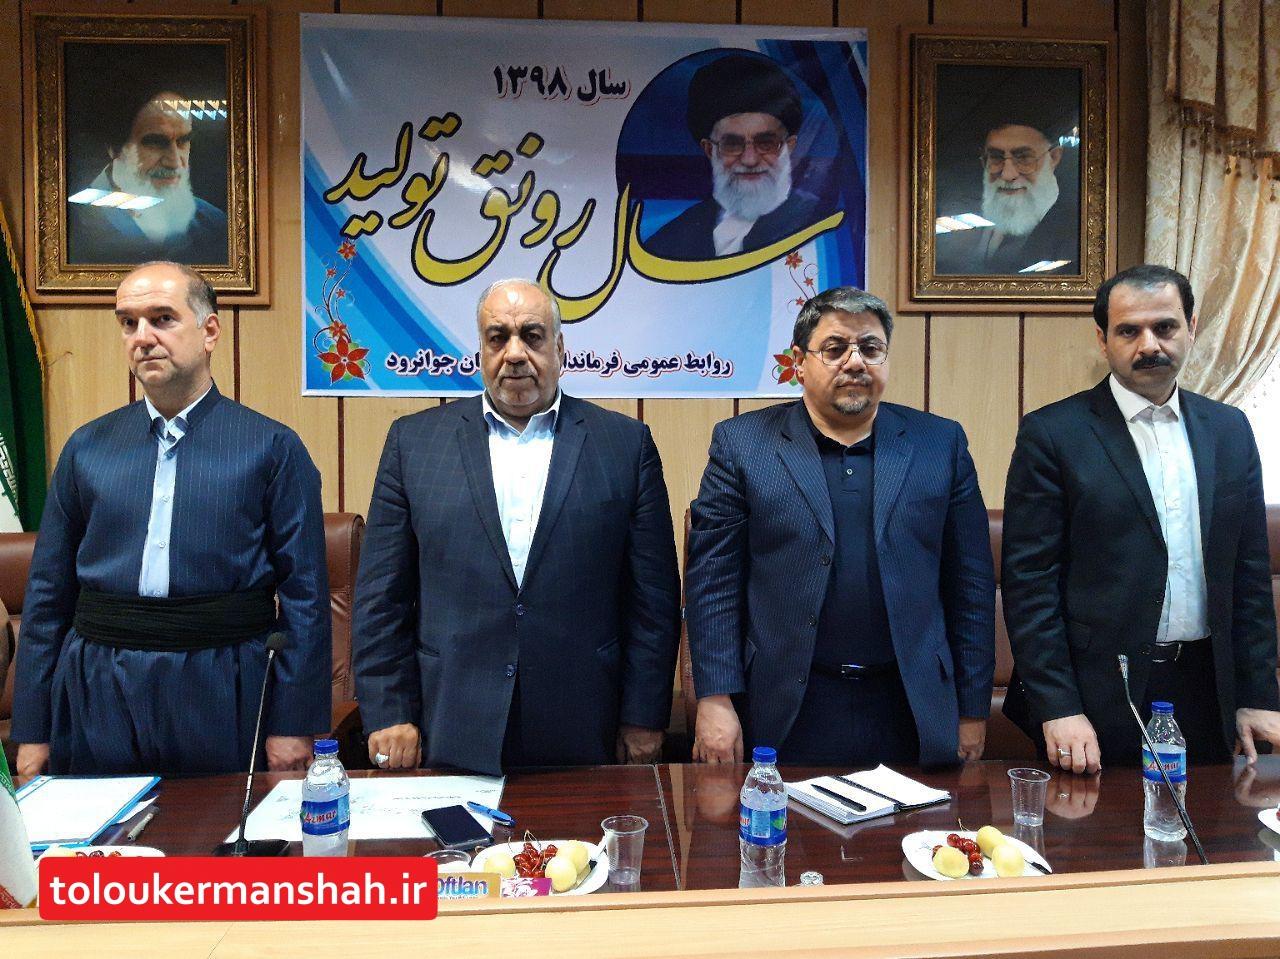 اورامانات یکی از گزینههای پیشنهادی برای احداث شهر جدید کرمانشاه است/لازمه رونق تولید مبارزه مداوم با فساد اداری و فساد مالی است